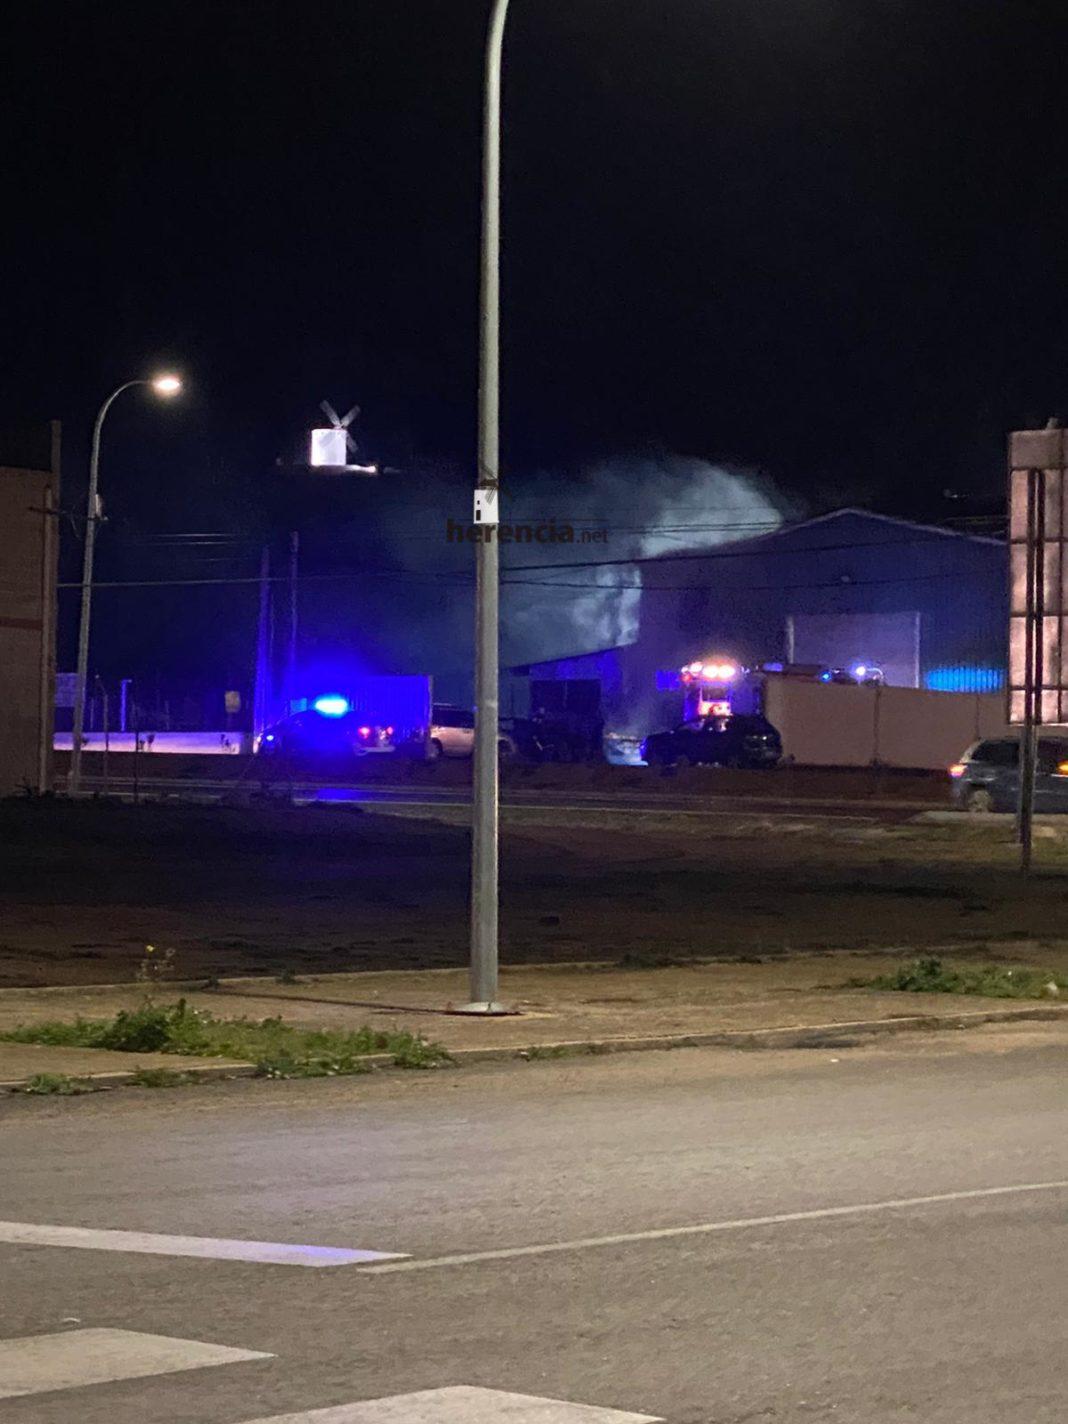 incendio nave avenida alcazar herencia 1 1068x1424 - Incendio en una nave en la Avenida de Alcázar en Herencia